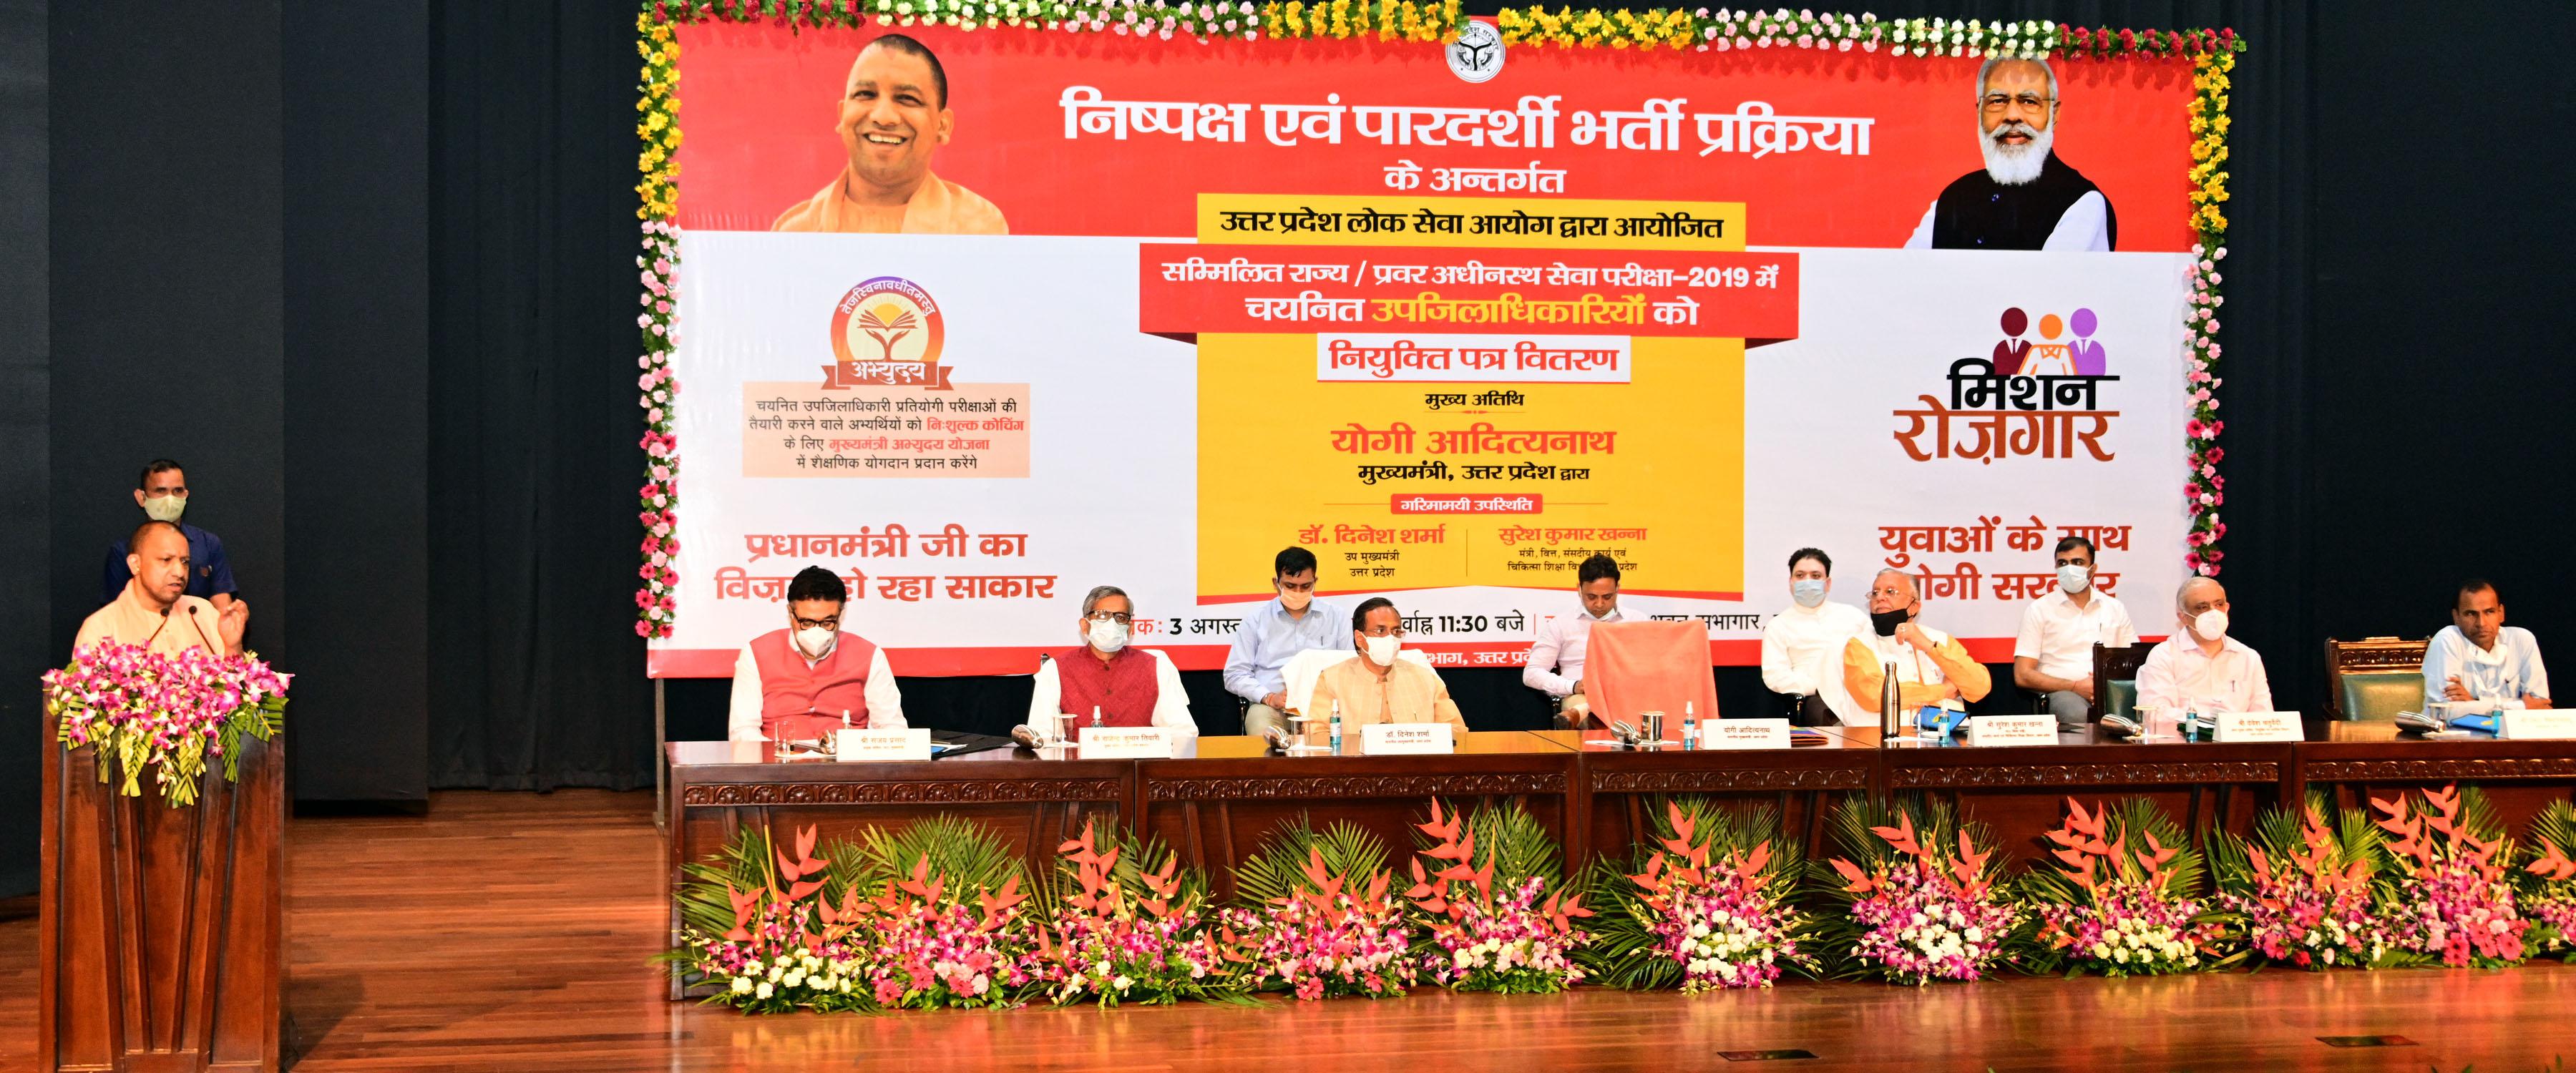 नवनियुक्त अधिकारियों को इस ओर ध्यान देना चाहिए कि वे कैसे तकनीक के माध्यम से तहसील की प्रक्रिया को बेहतर कर सकते हैं—मुख्यमंत्री योगी